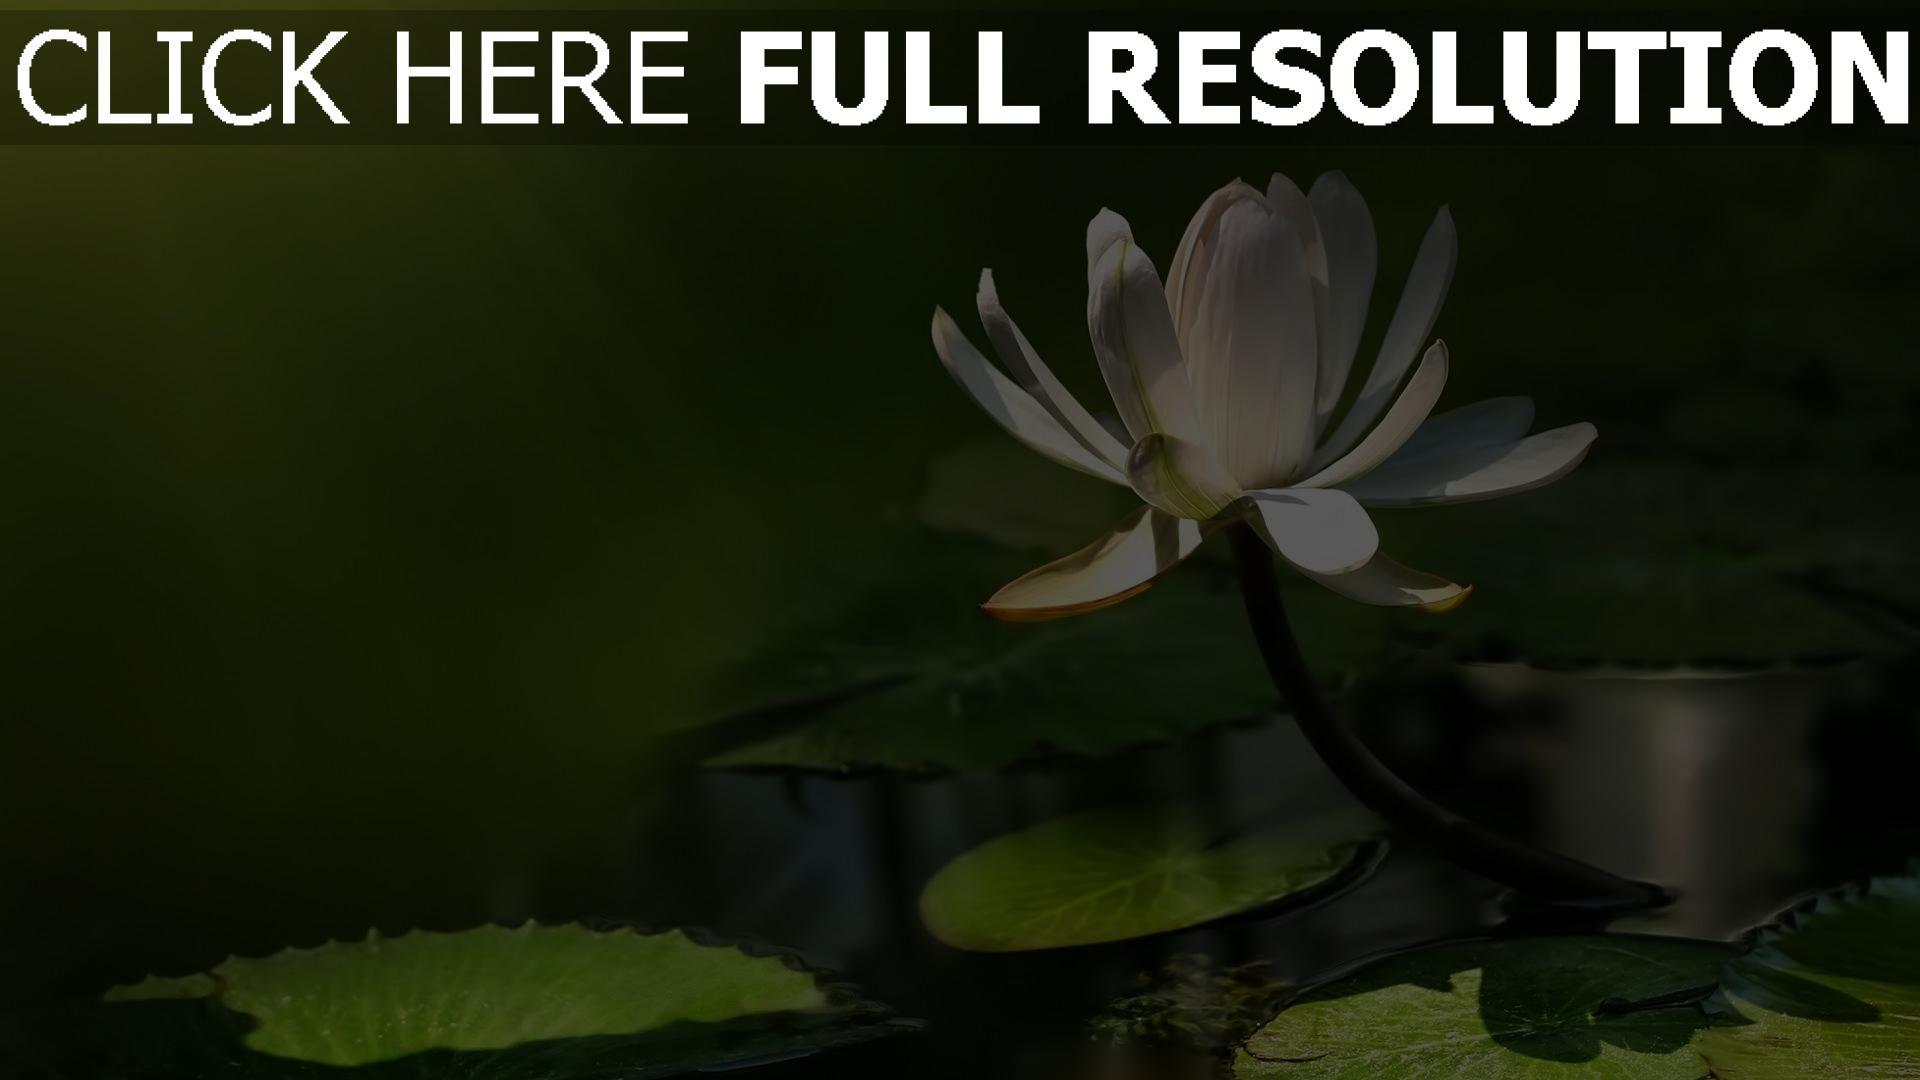 hd hintergrundbilder weißen lotus blätter blüten strahlen 1920x1080